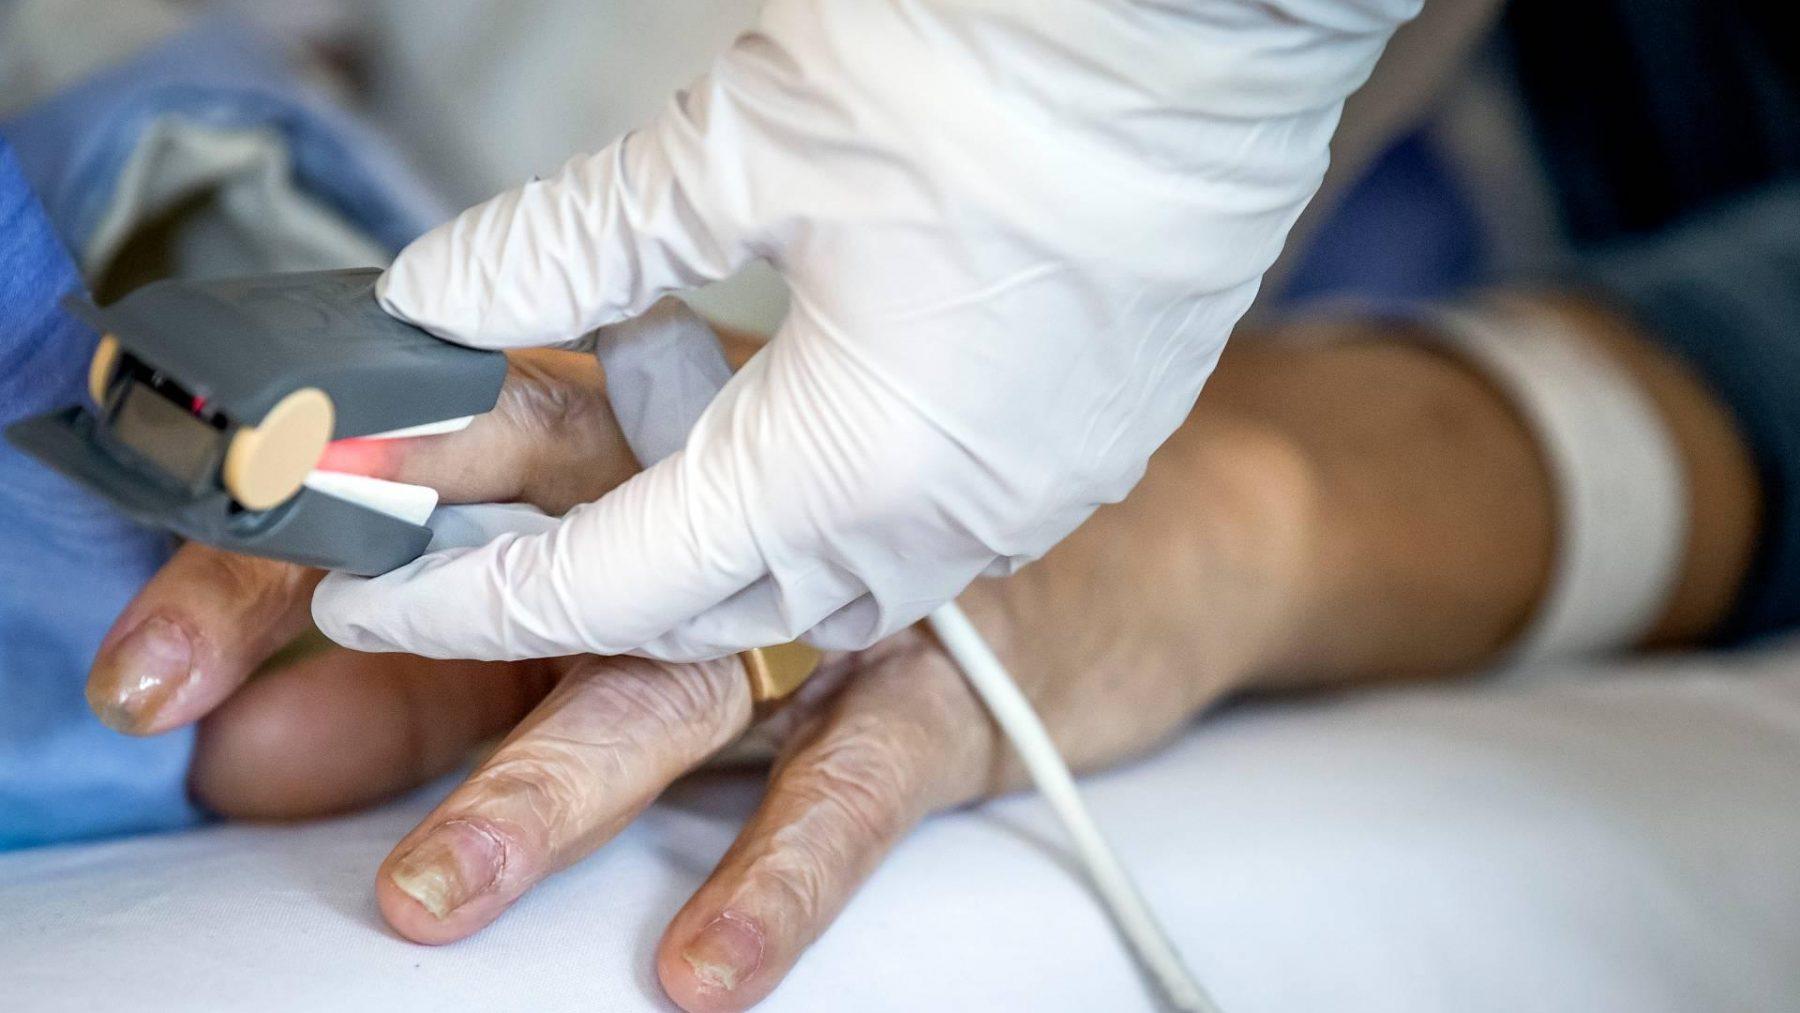 Niet-westerse migranten relatief vaak met corona in het ziekenhuis